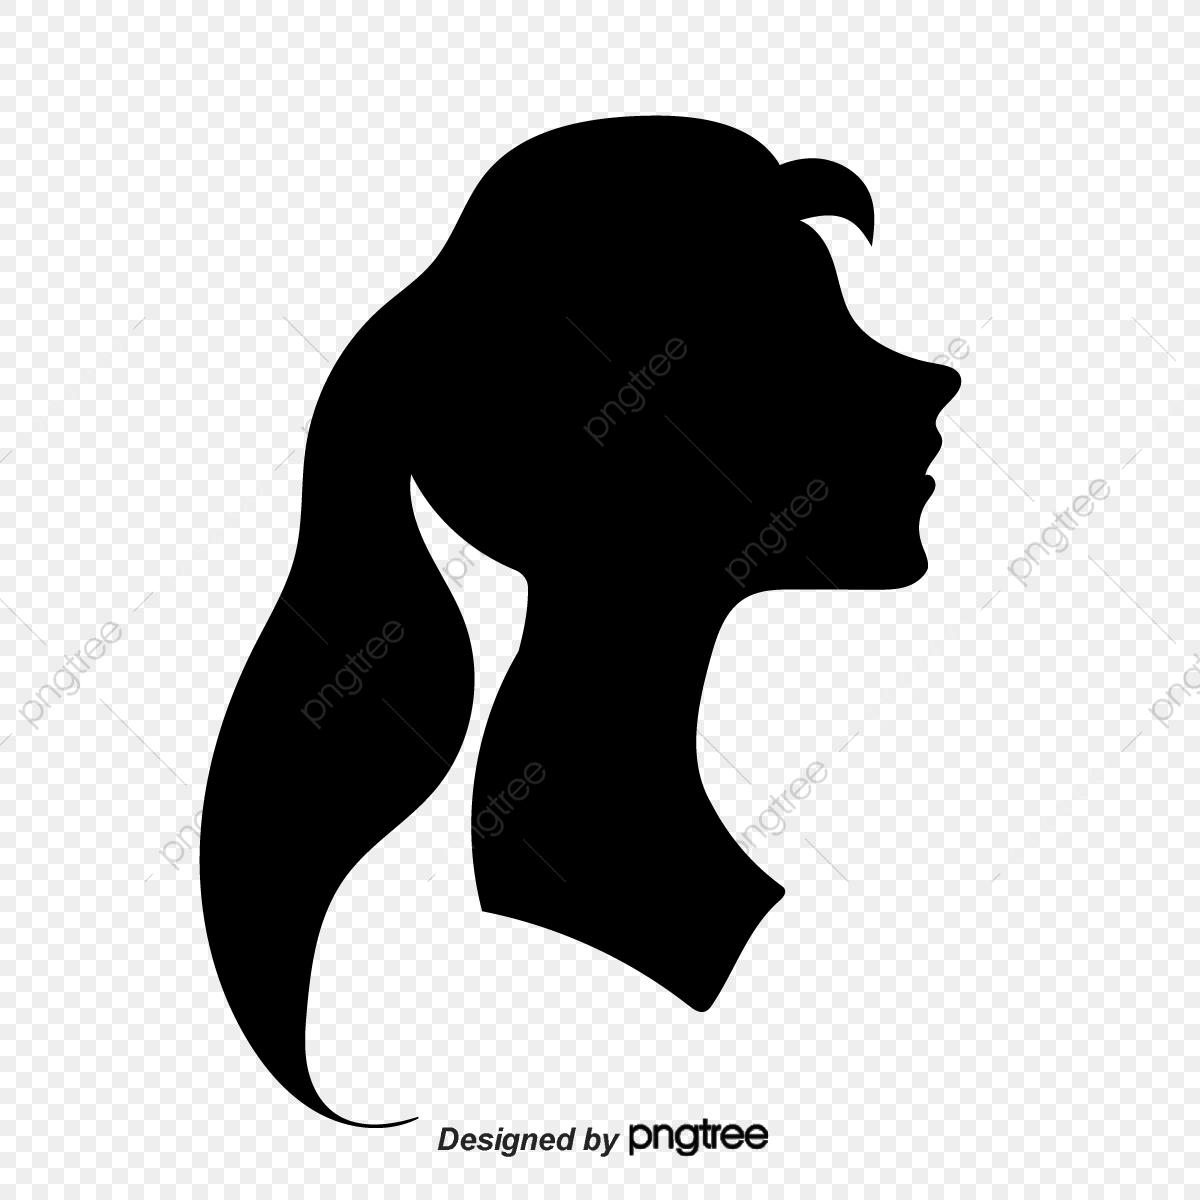 صورة ظلية بسيطة الجناح الأسود تصميم بسيط اسود و ابيض خيال Png